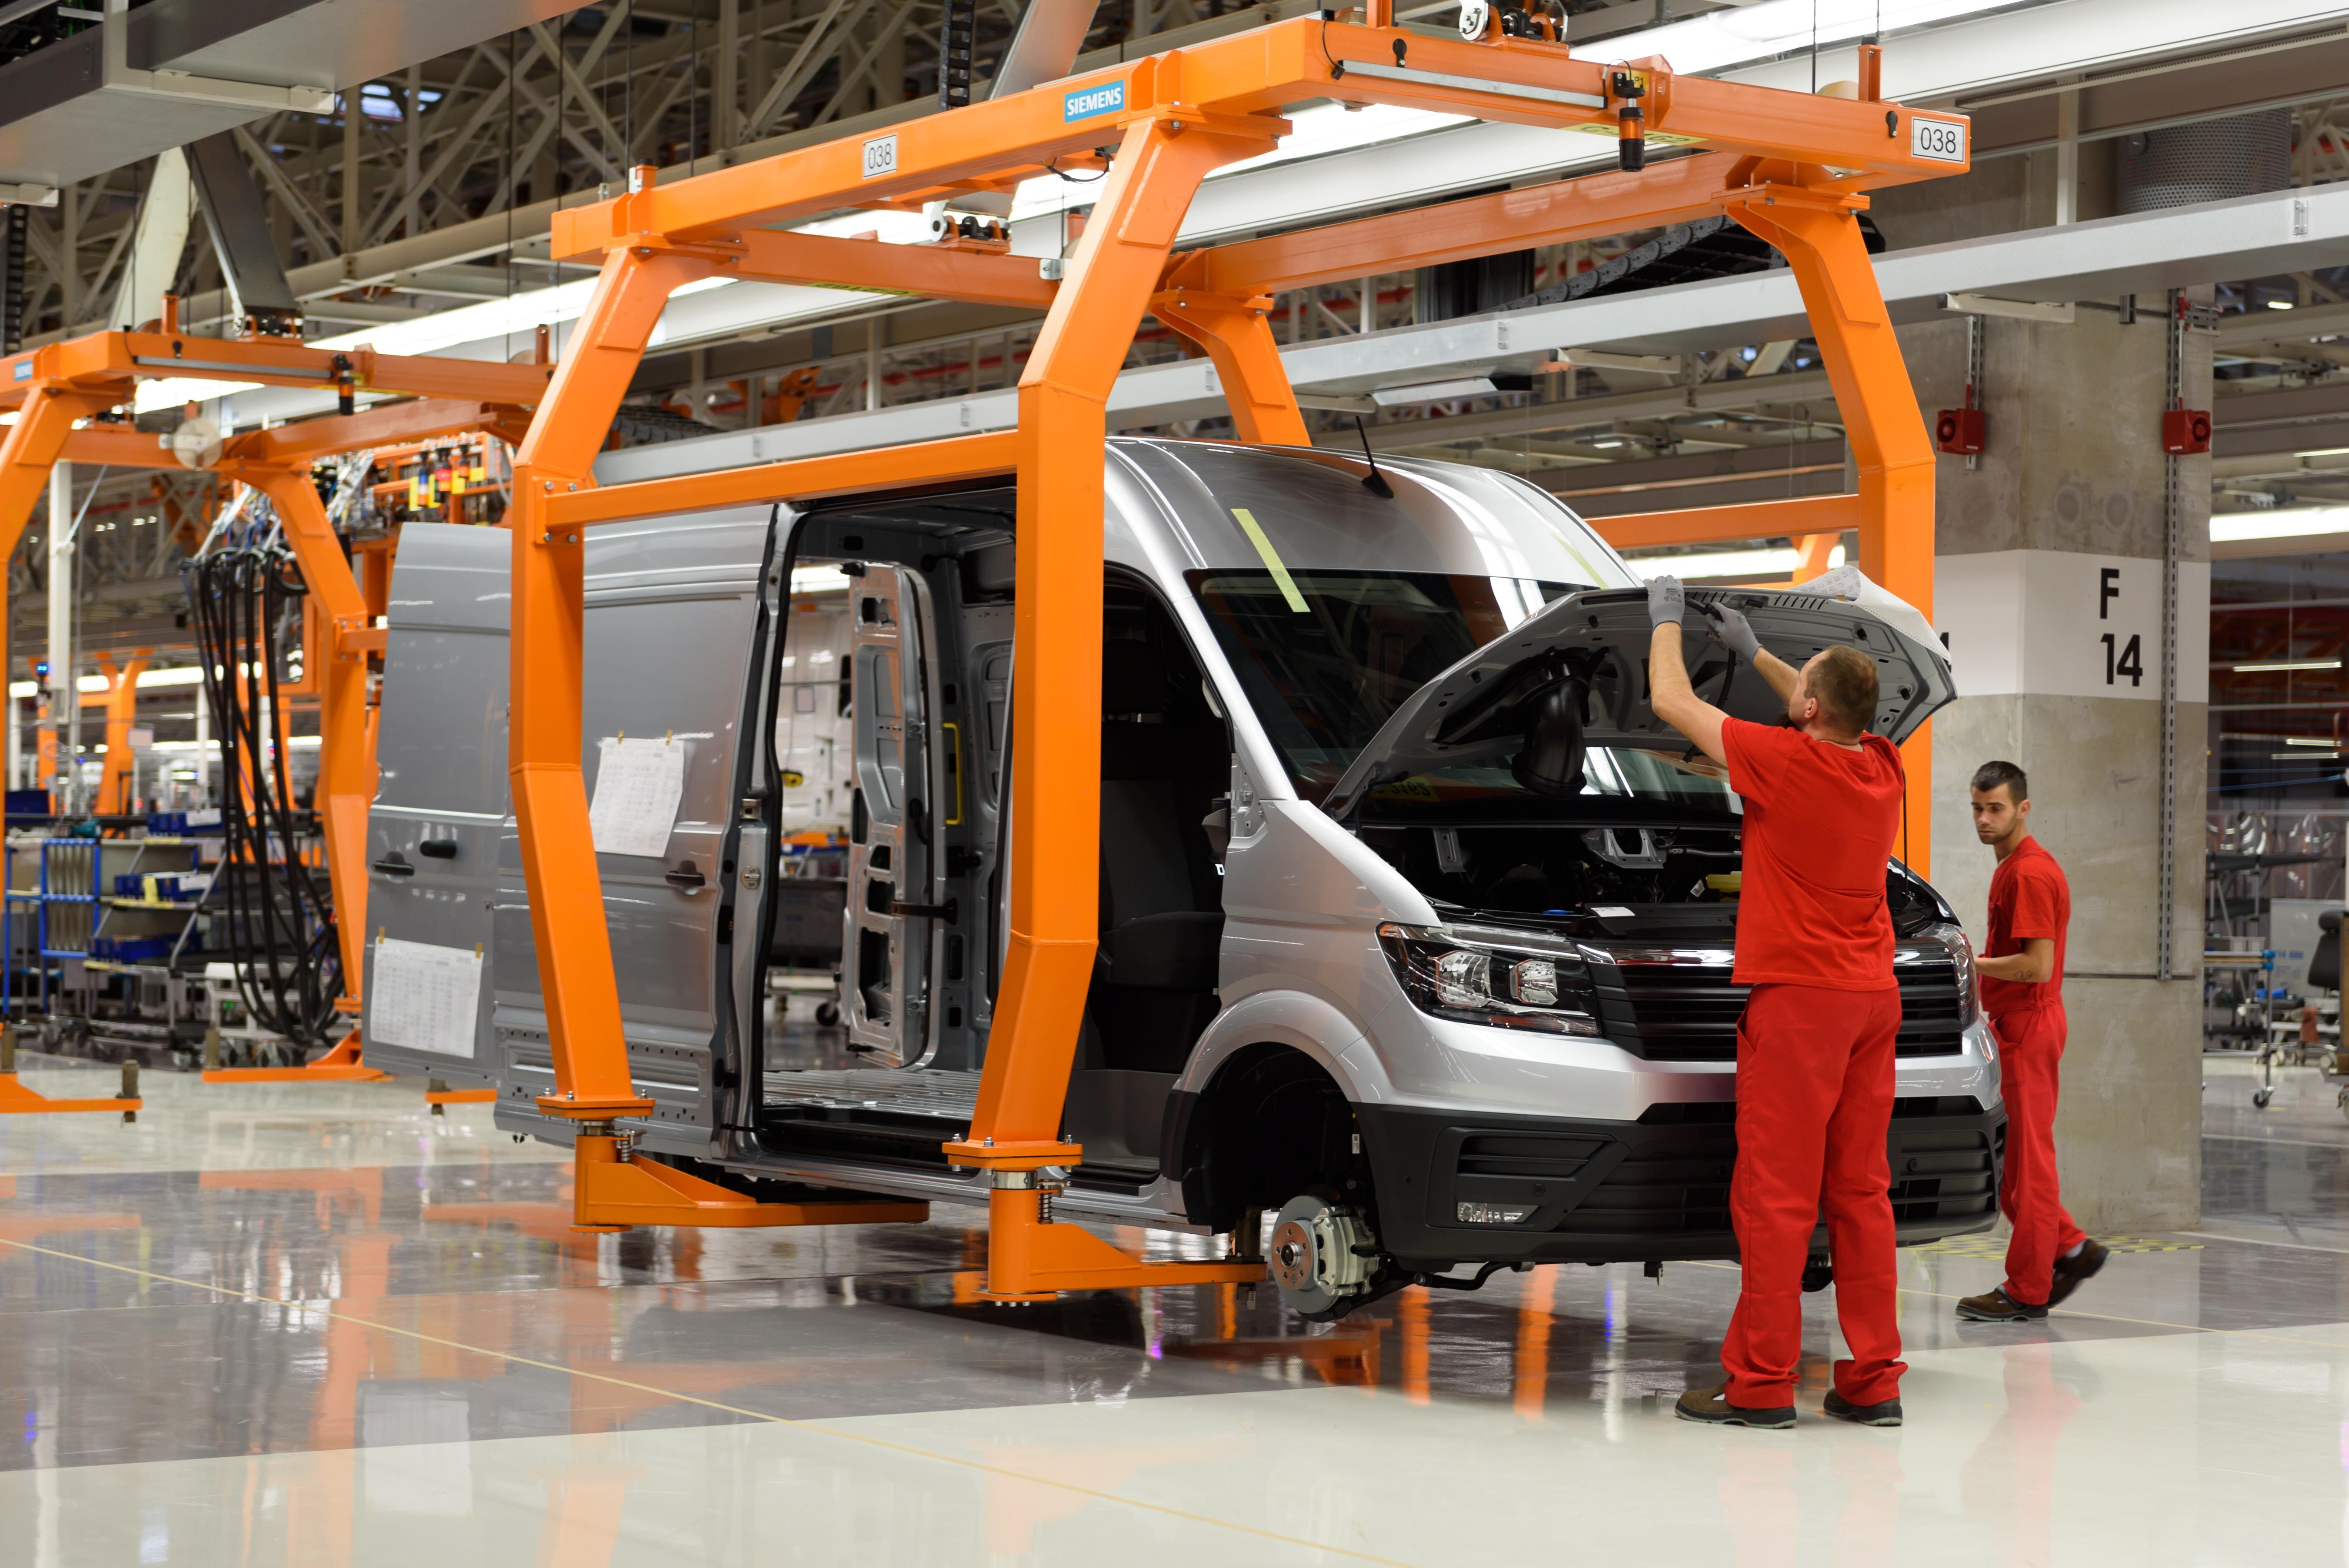 Nową fabrykę koncernu Volkswagen otwarto oficjalnie w poniedziałek w Białężycach koło Wrześni (Wielkopolskie). Od 2018 roku zakład będzie produkował rocznie 100 tys. sztuk nowej wersji dostawczego Volkswagena Craftera. PAP/Jakub Kaczmarczyk